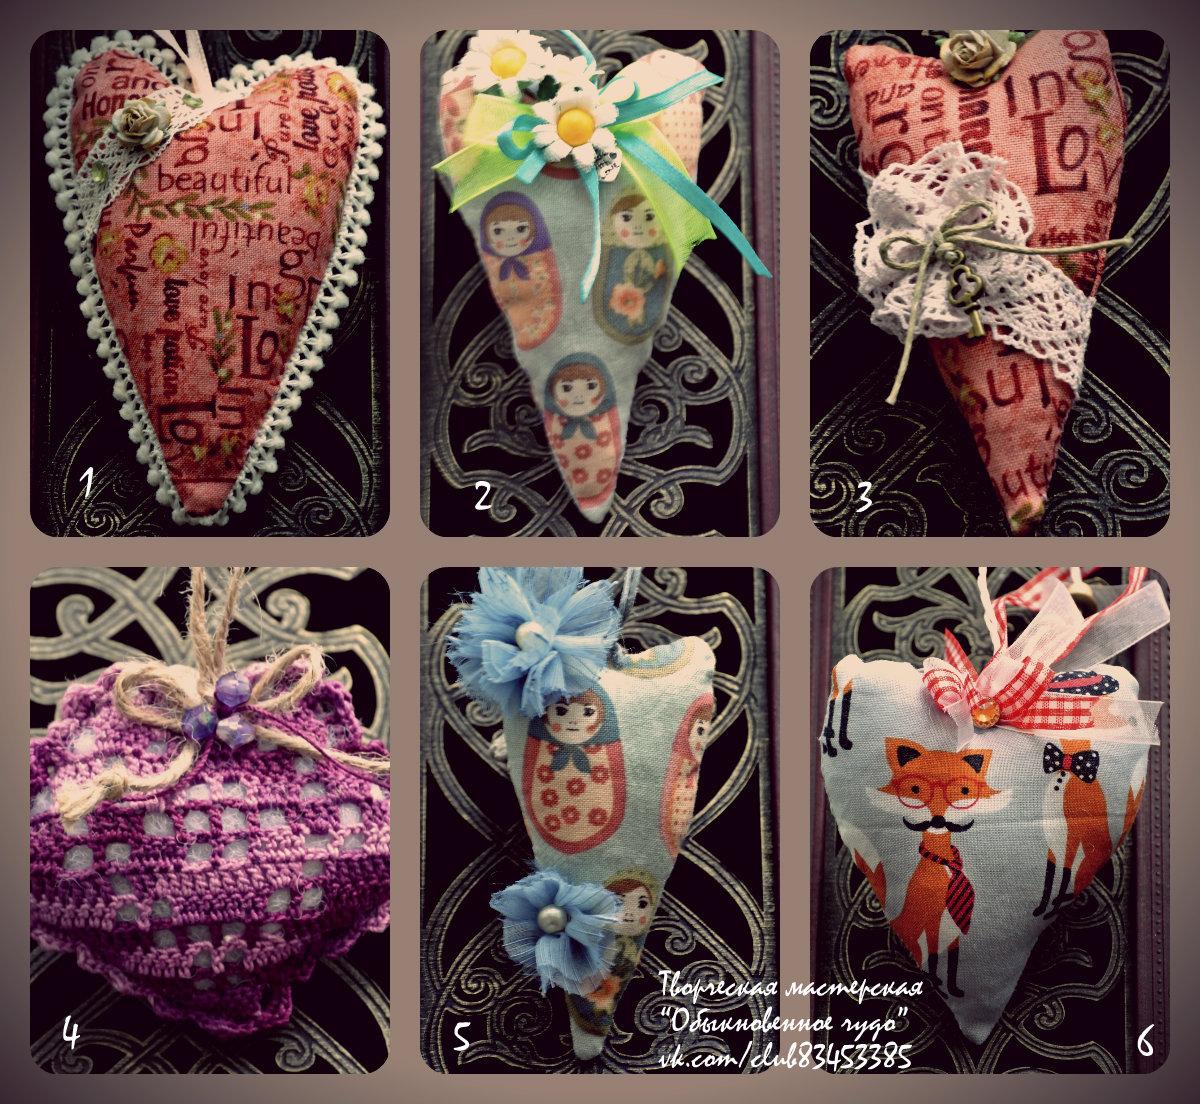 Валентинки арома-саше и другие милые сувениры к праздникам!